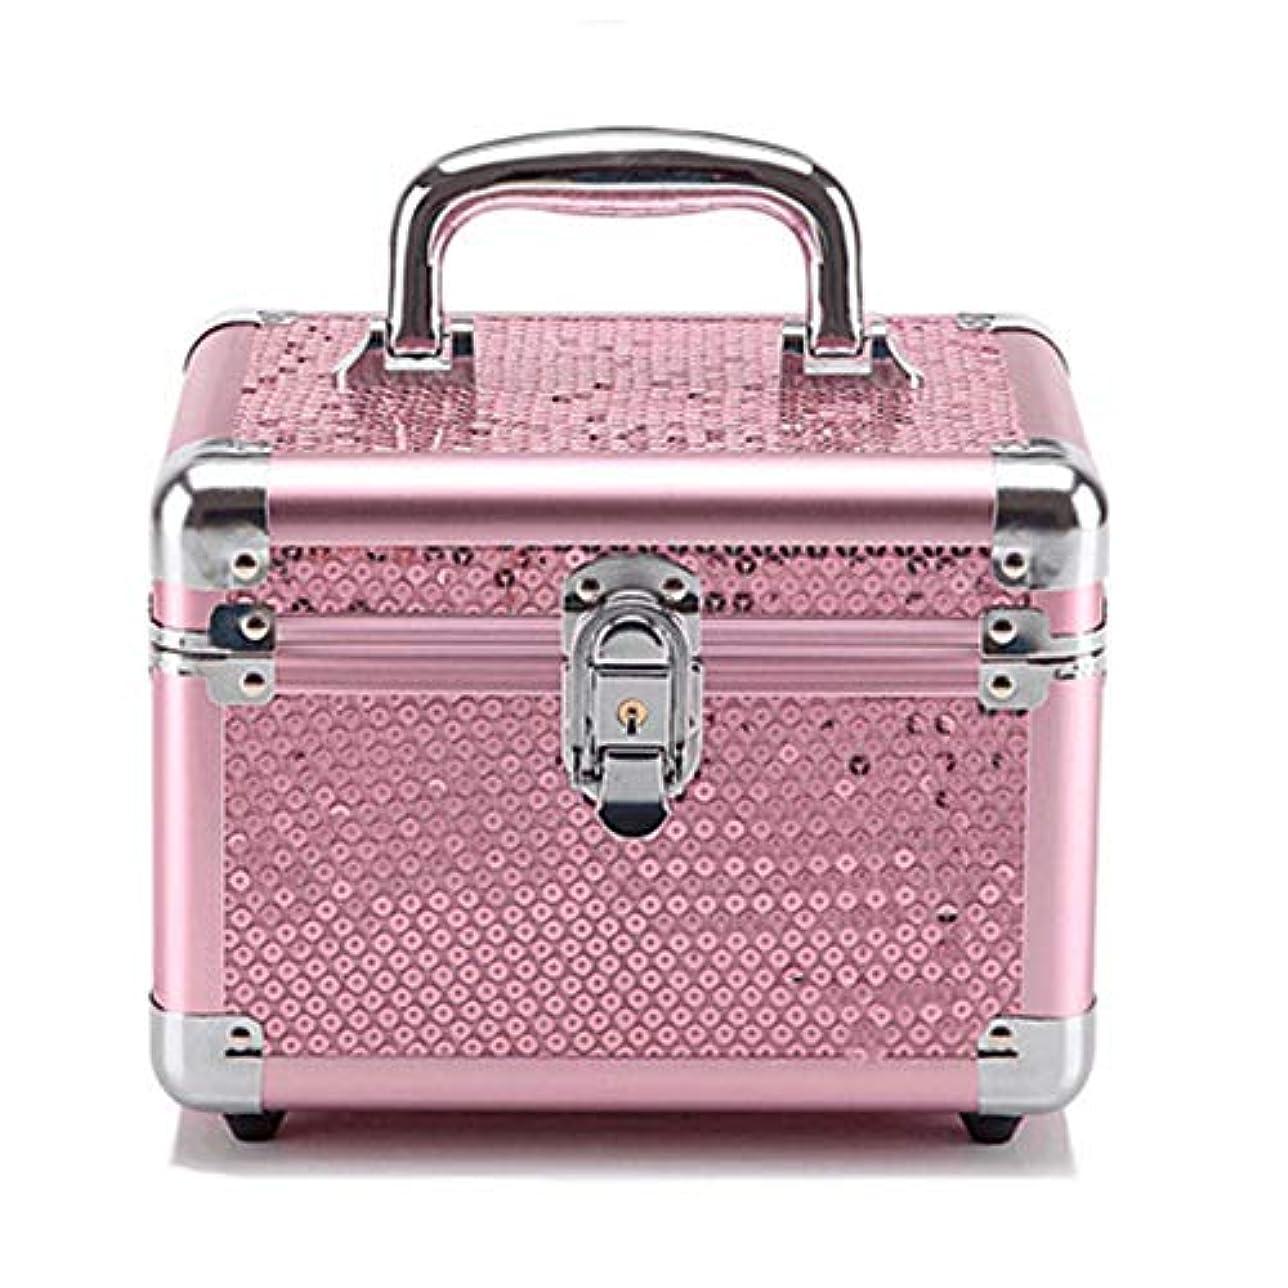 特大スペース収納ビューティーボックス 美の構造のためそしてジッパーおよび折る皿が付いている女の子の女性旅行そして毎日の貯蔵のための高容量の携帯用化粧品袋 化粧品化粧台 (色 : Rose Red(S))